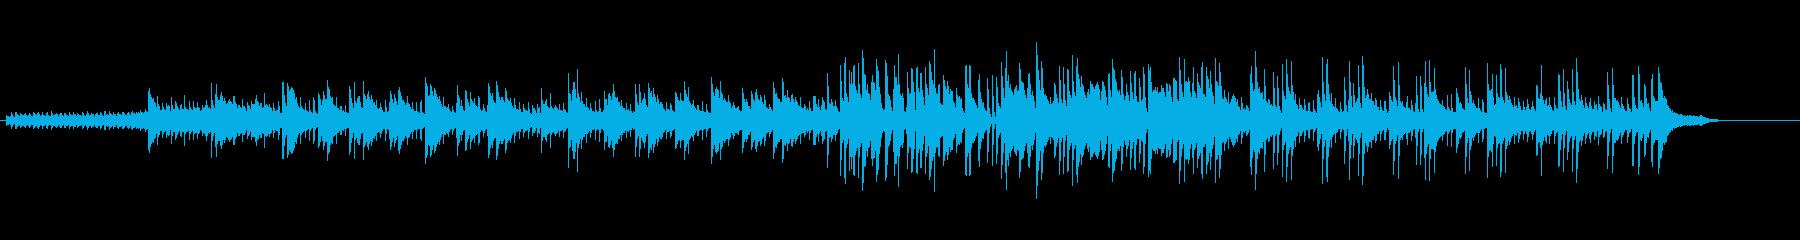 しっとりセンチメンタル・メロディーの再生済みの波形